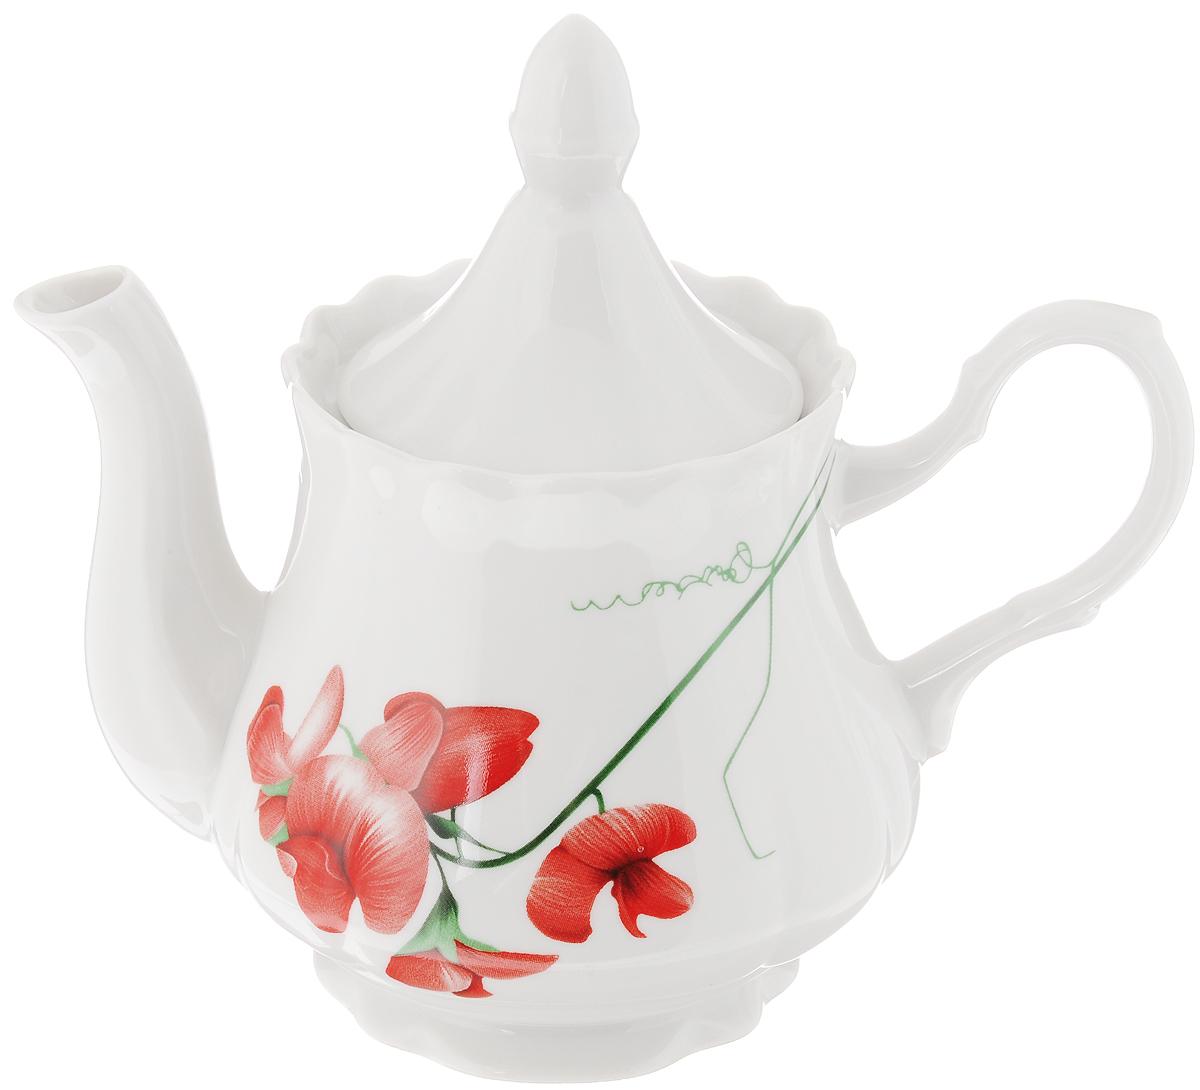 Чайник заварочный Романс. Рубин, 800 мл1224538Заварочный чайник Романс. Рубин изготовлен из высококачественного фарфора. Посуда оформлена ярким рисунком. Такой чайник идеально подойдет для заваривания чая. Он хорошо держит температуру, что способствует более полному раскрытию цвета, аромата и вкуса чайного букета. Изделие прекрасно дополнит сервировку стола к чаепитию и станет его неизменным атрибутом. Объем: 800 мл. Диаметр (по верхнему краю): 9,3 см. Диаметр основания: 8,5 см. Высота чайника (без учета крышки): 12 см.